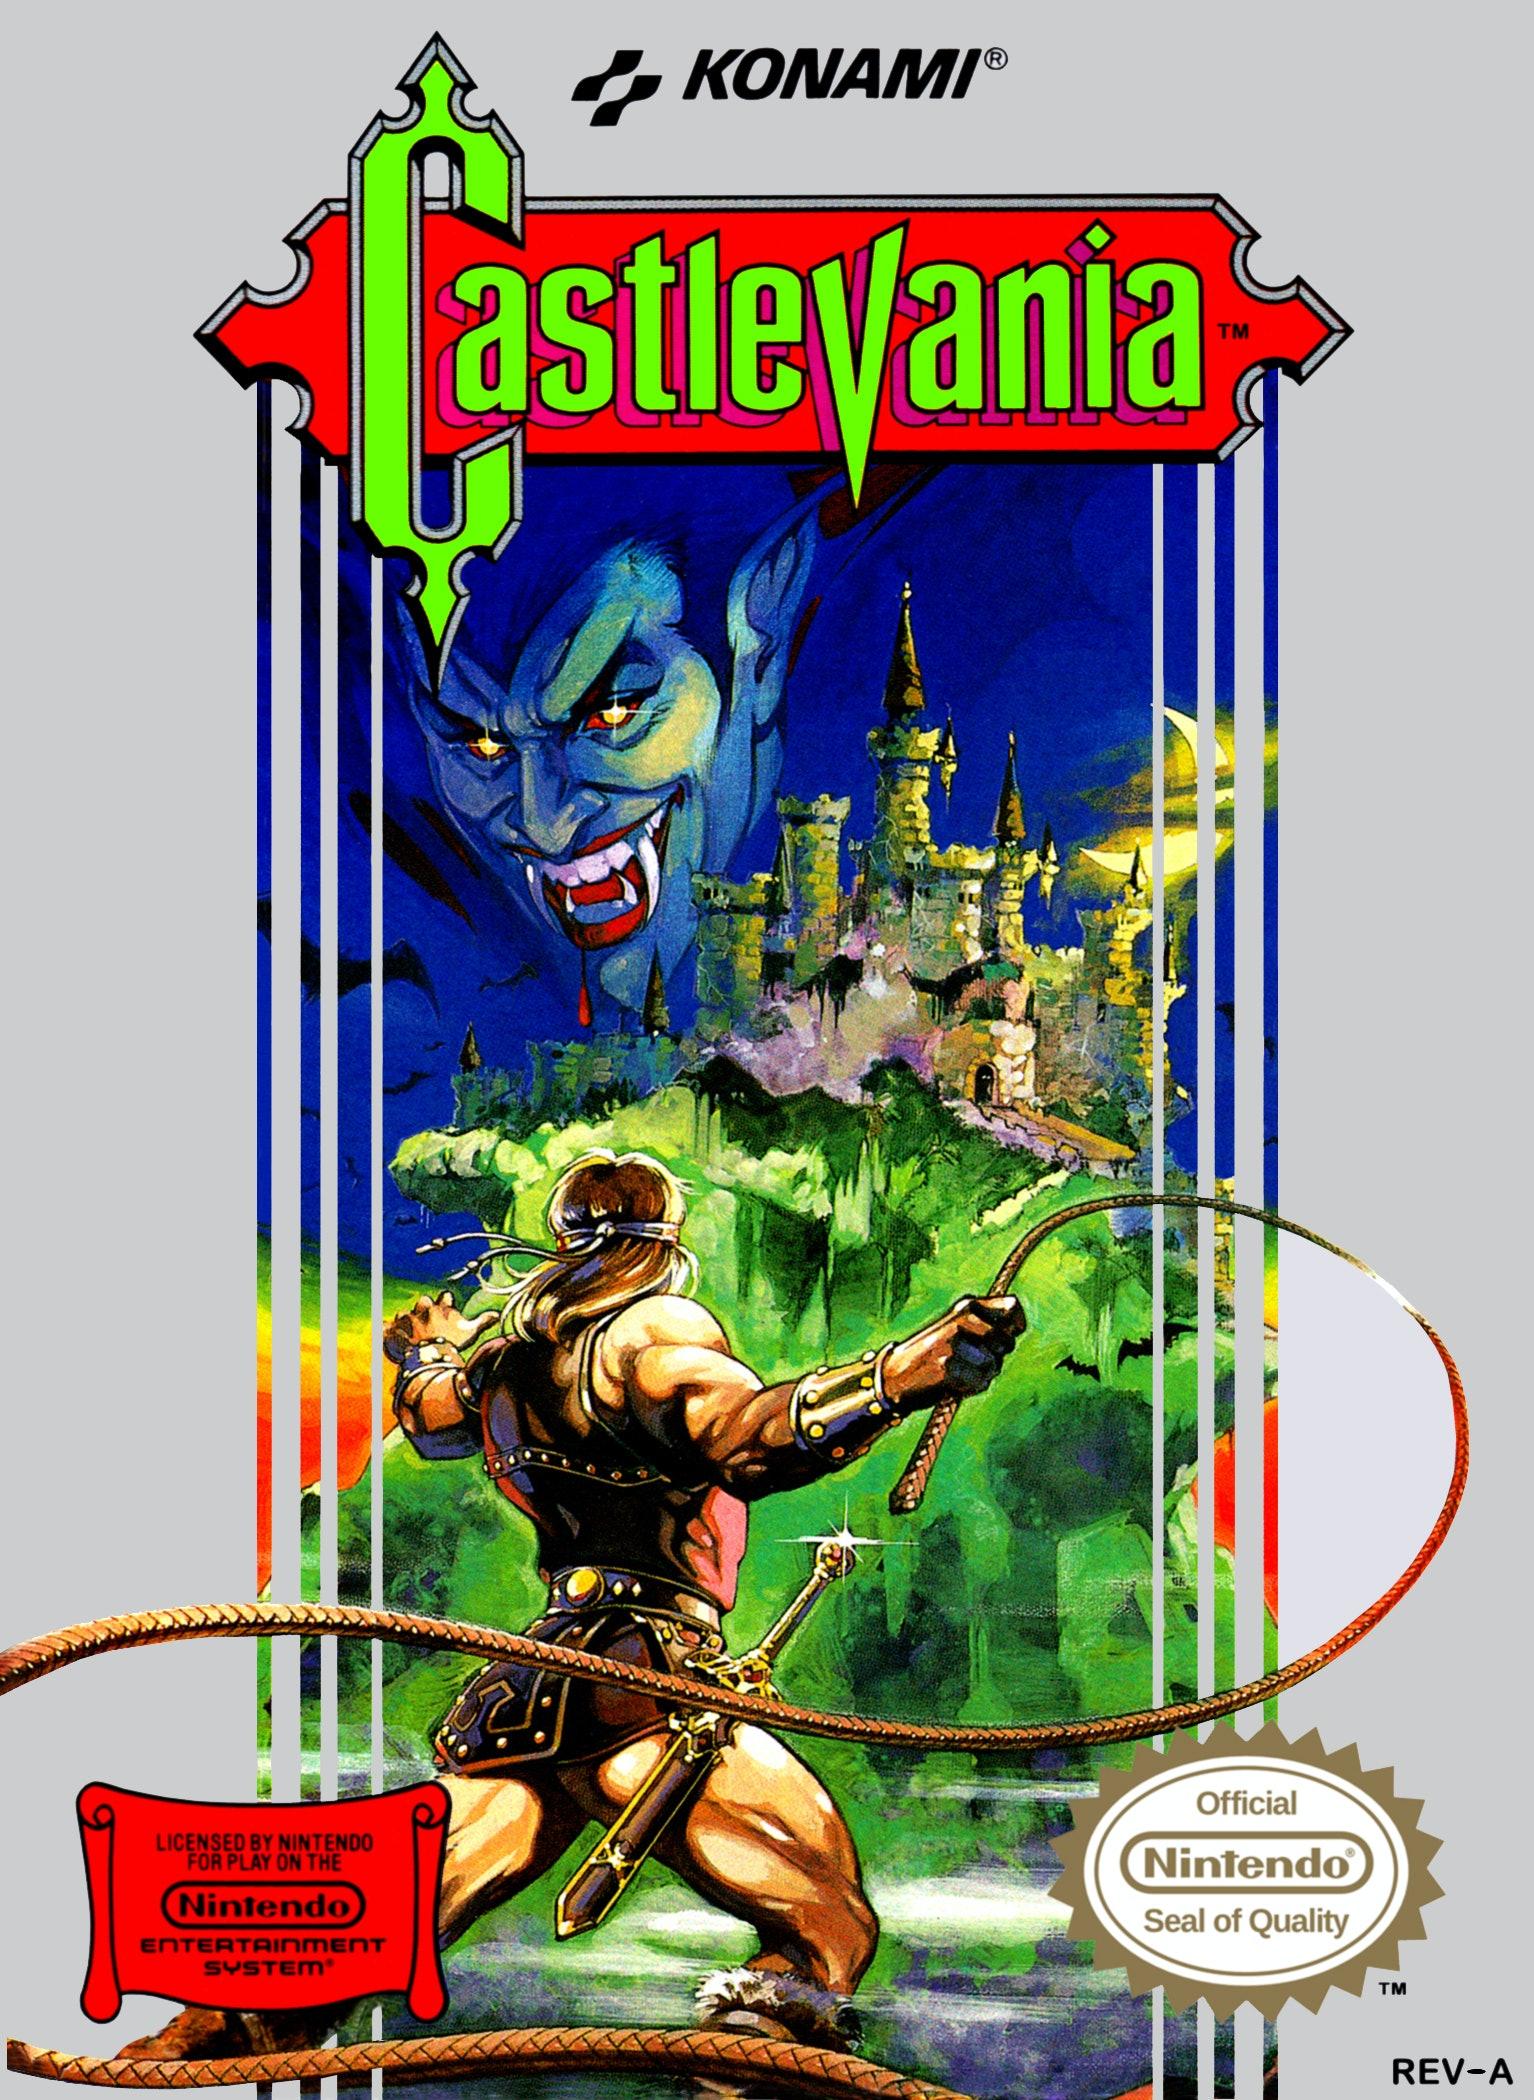 Original box art for 1986 video game 'Castlevania'